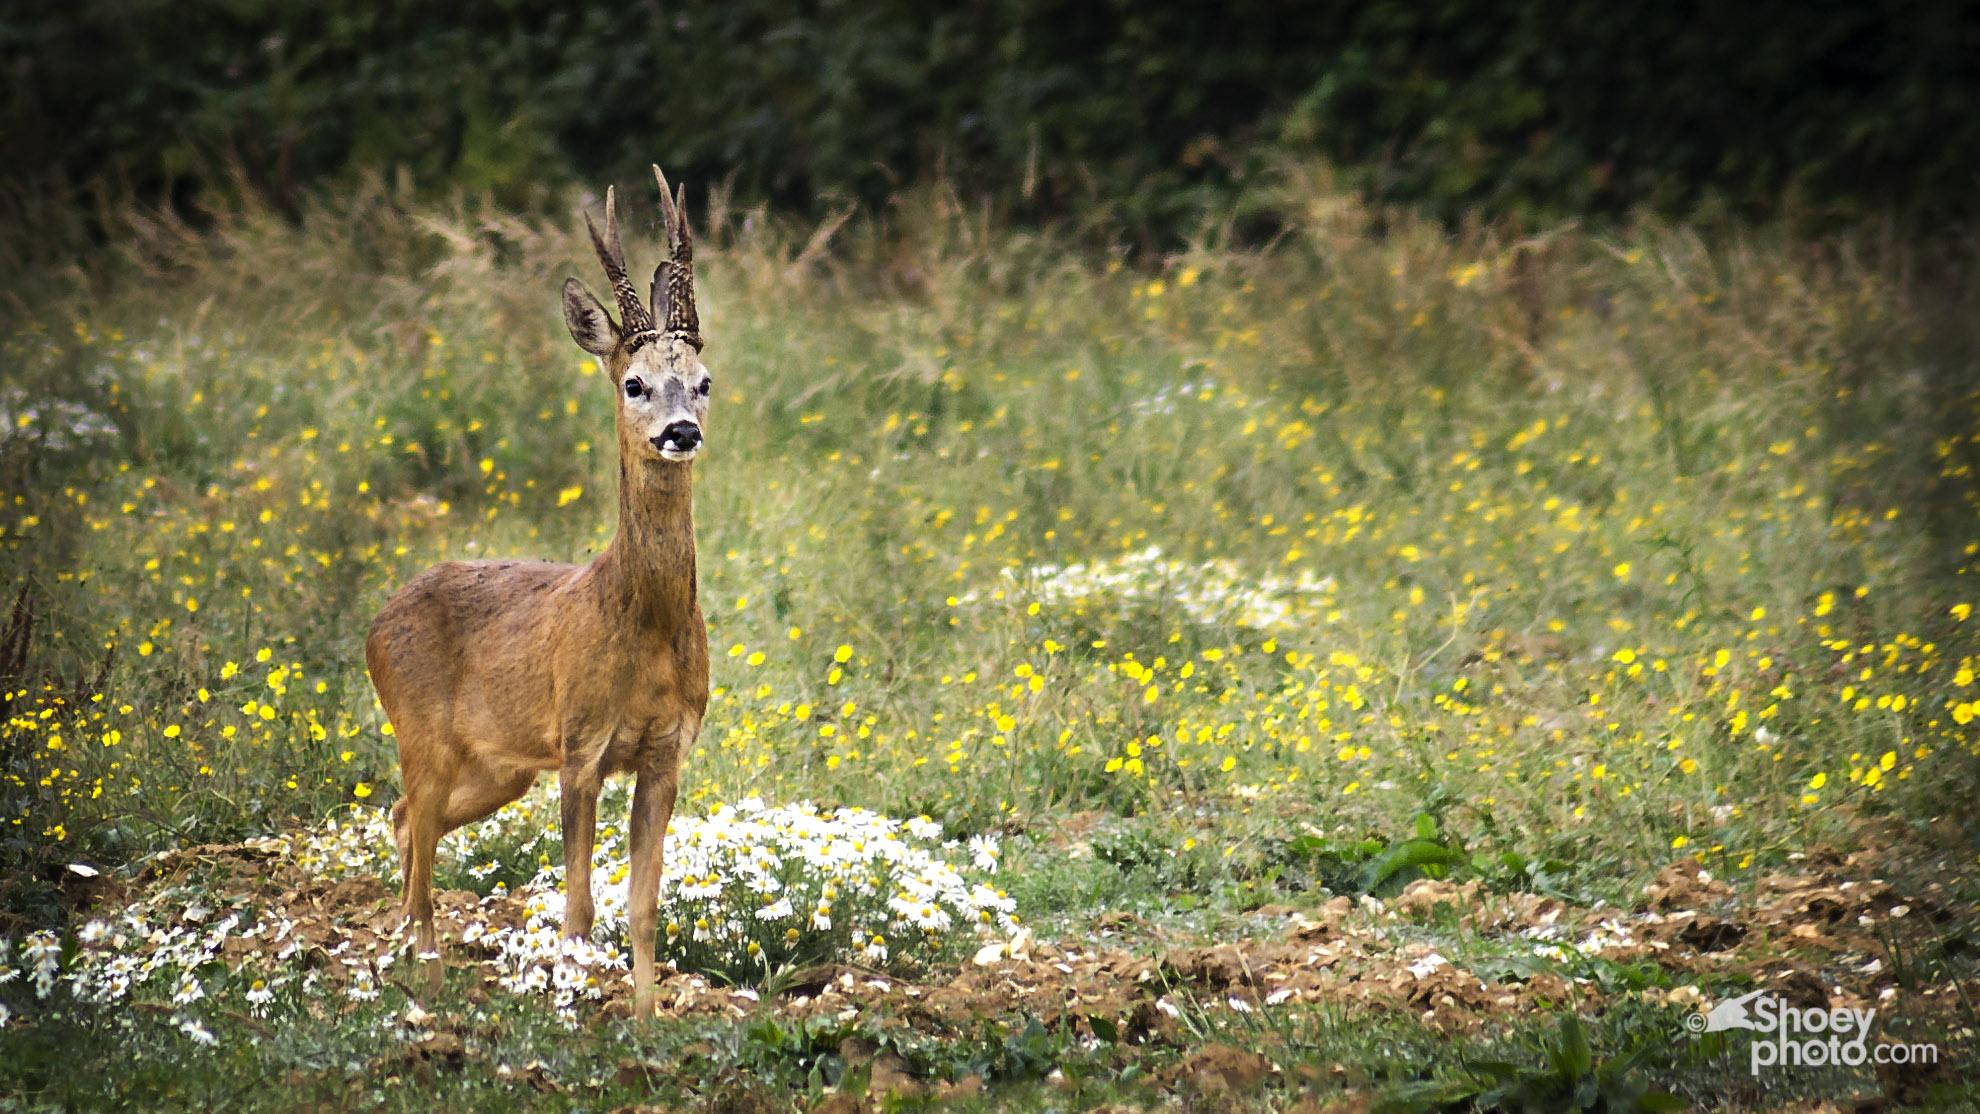 Roe Deer  (Clickimage toenlarge)